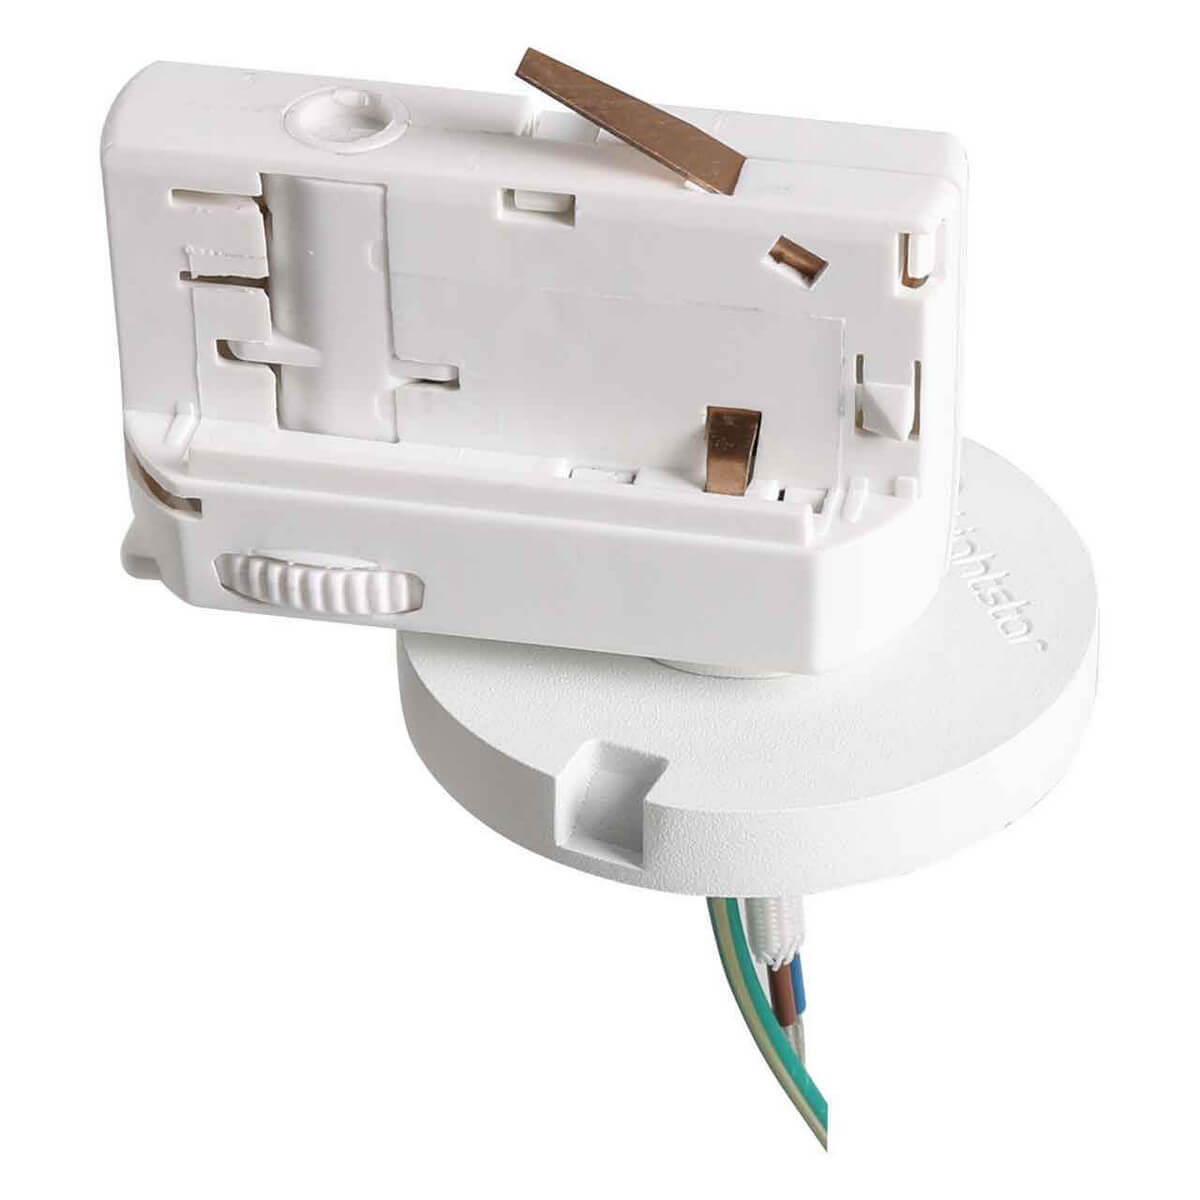 Адаптер для шинопровода Lightstar 594016 Asta White (для трехфазного шинопровода)